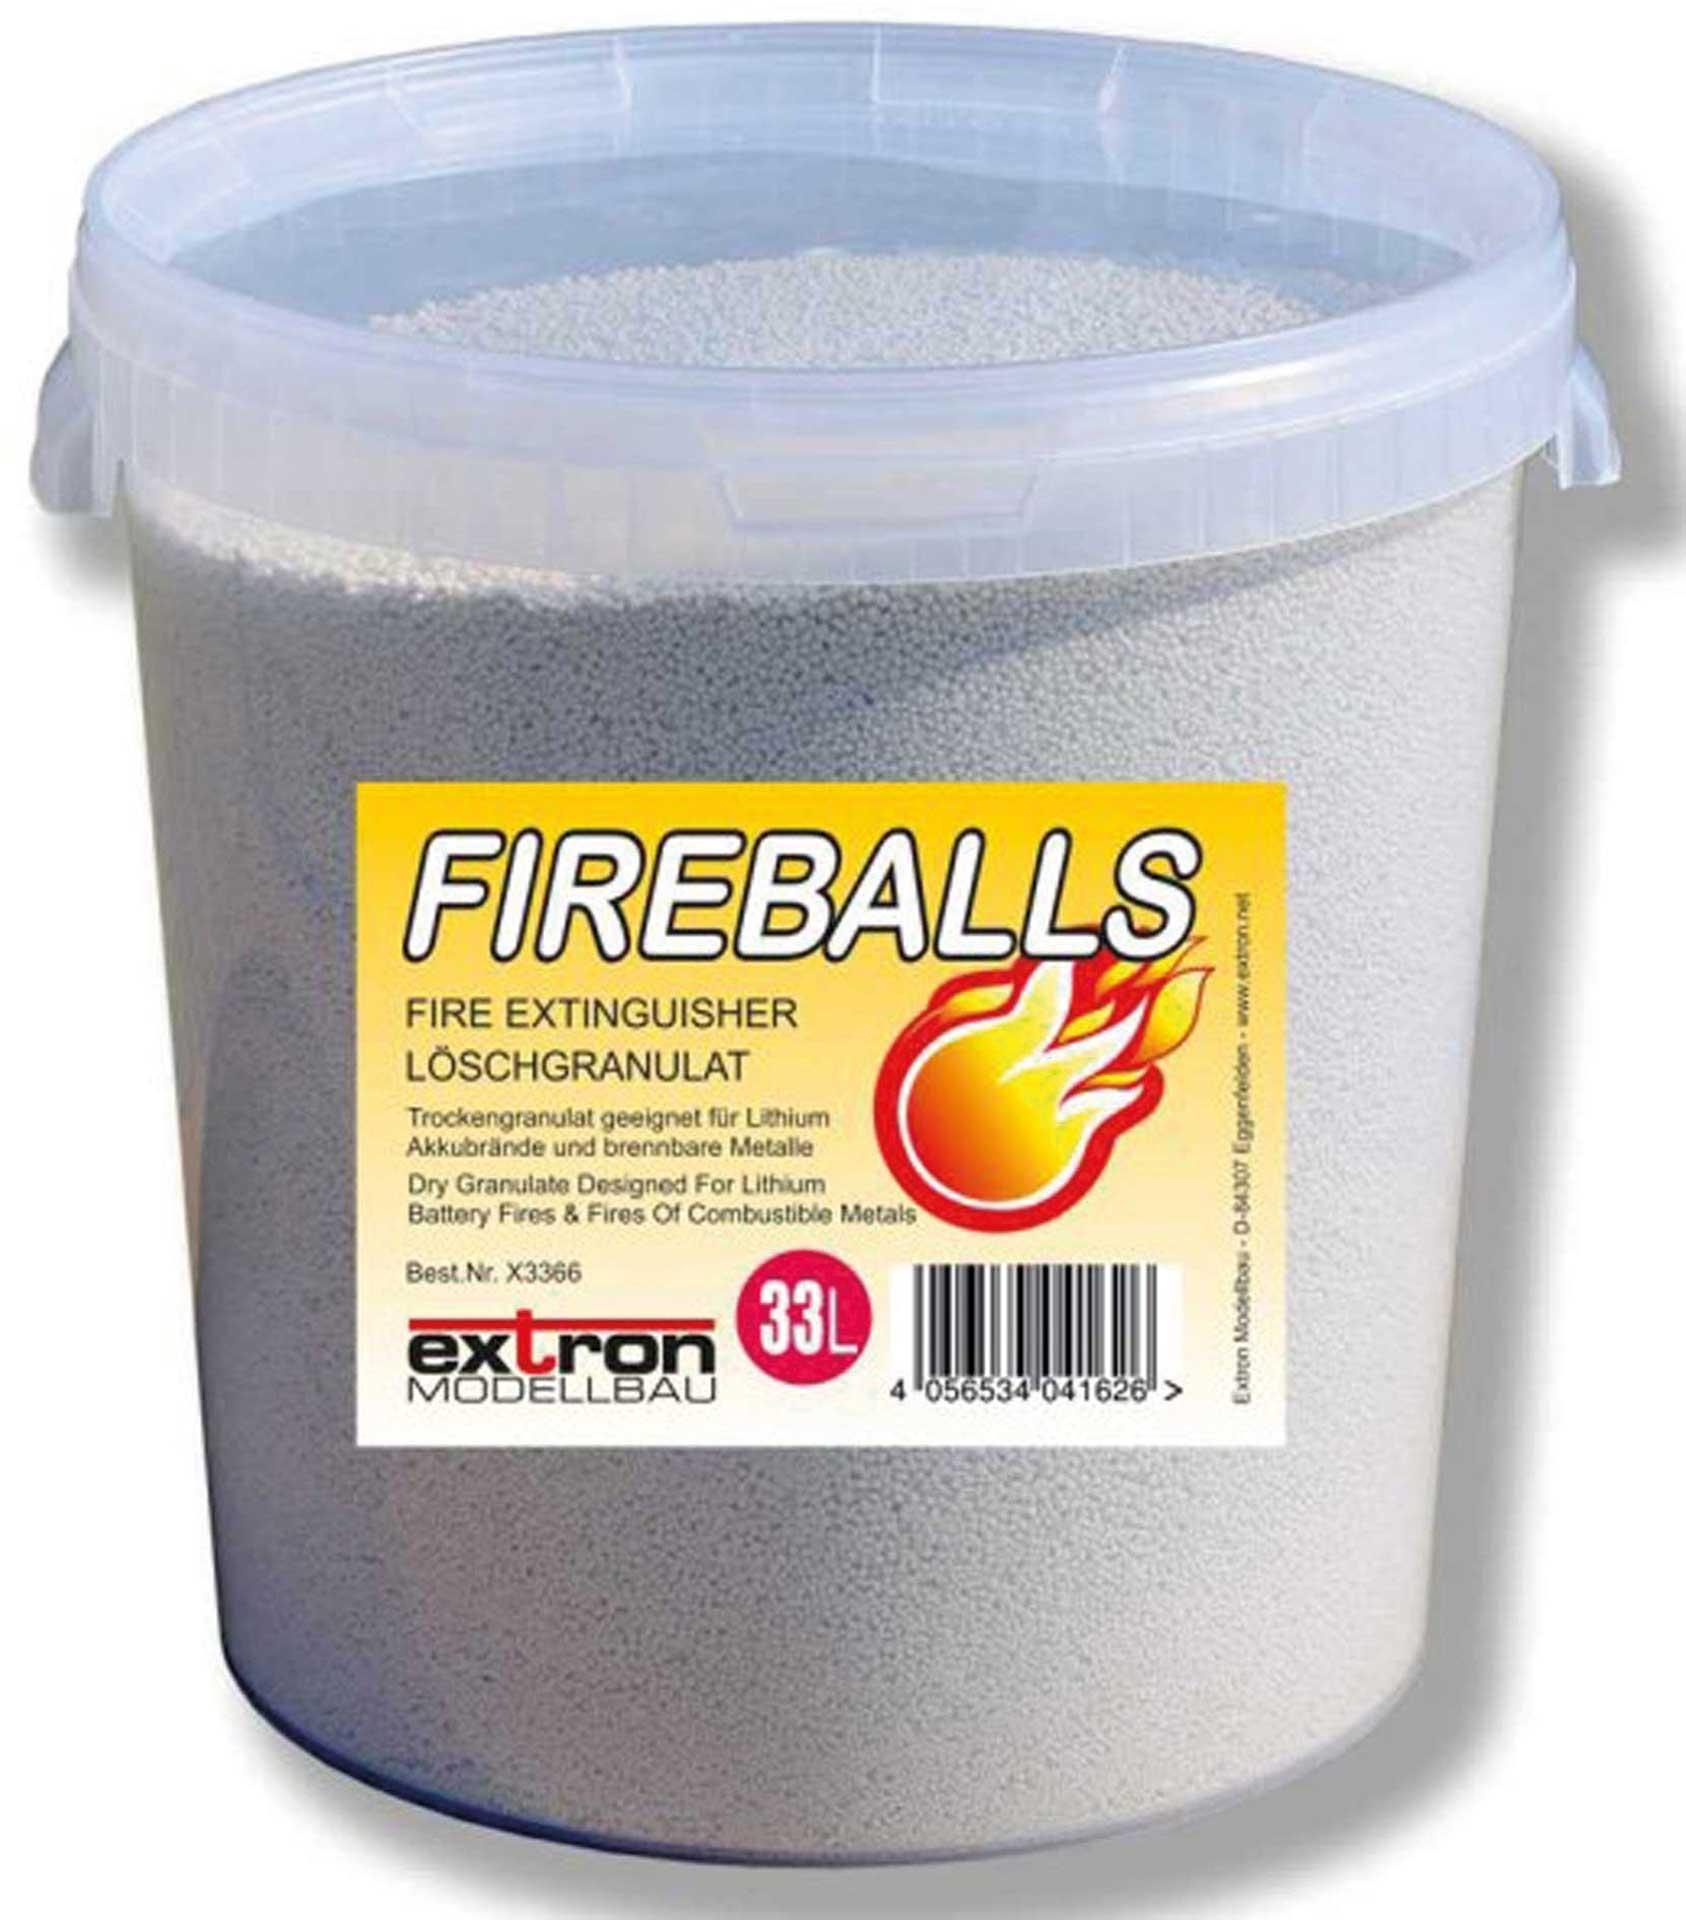 EXTRON Fireballs Brandschutz Granulat 33 Liter im Eimer , Feuerlöschgranulat